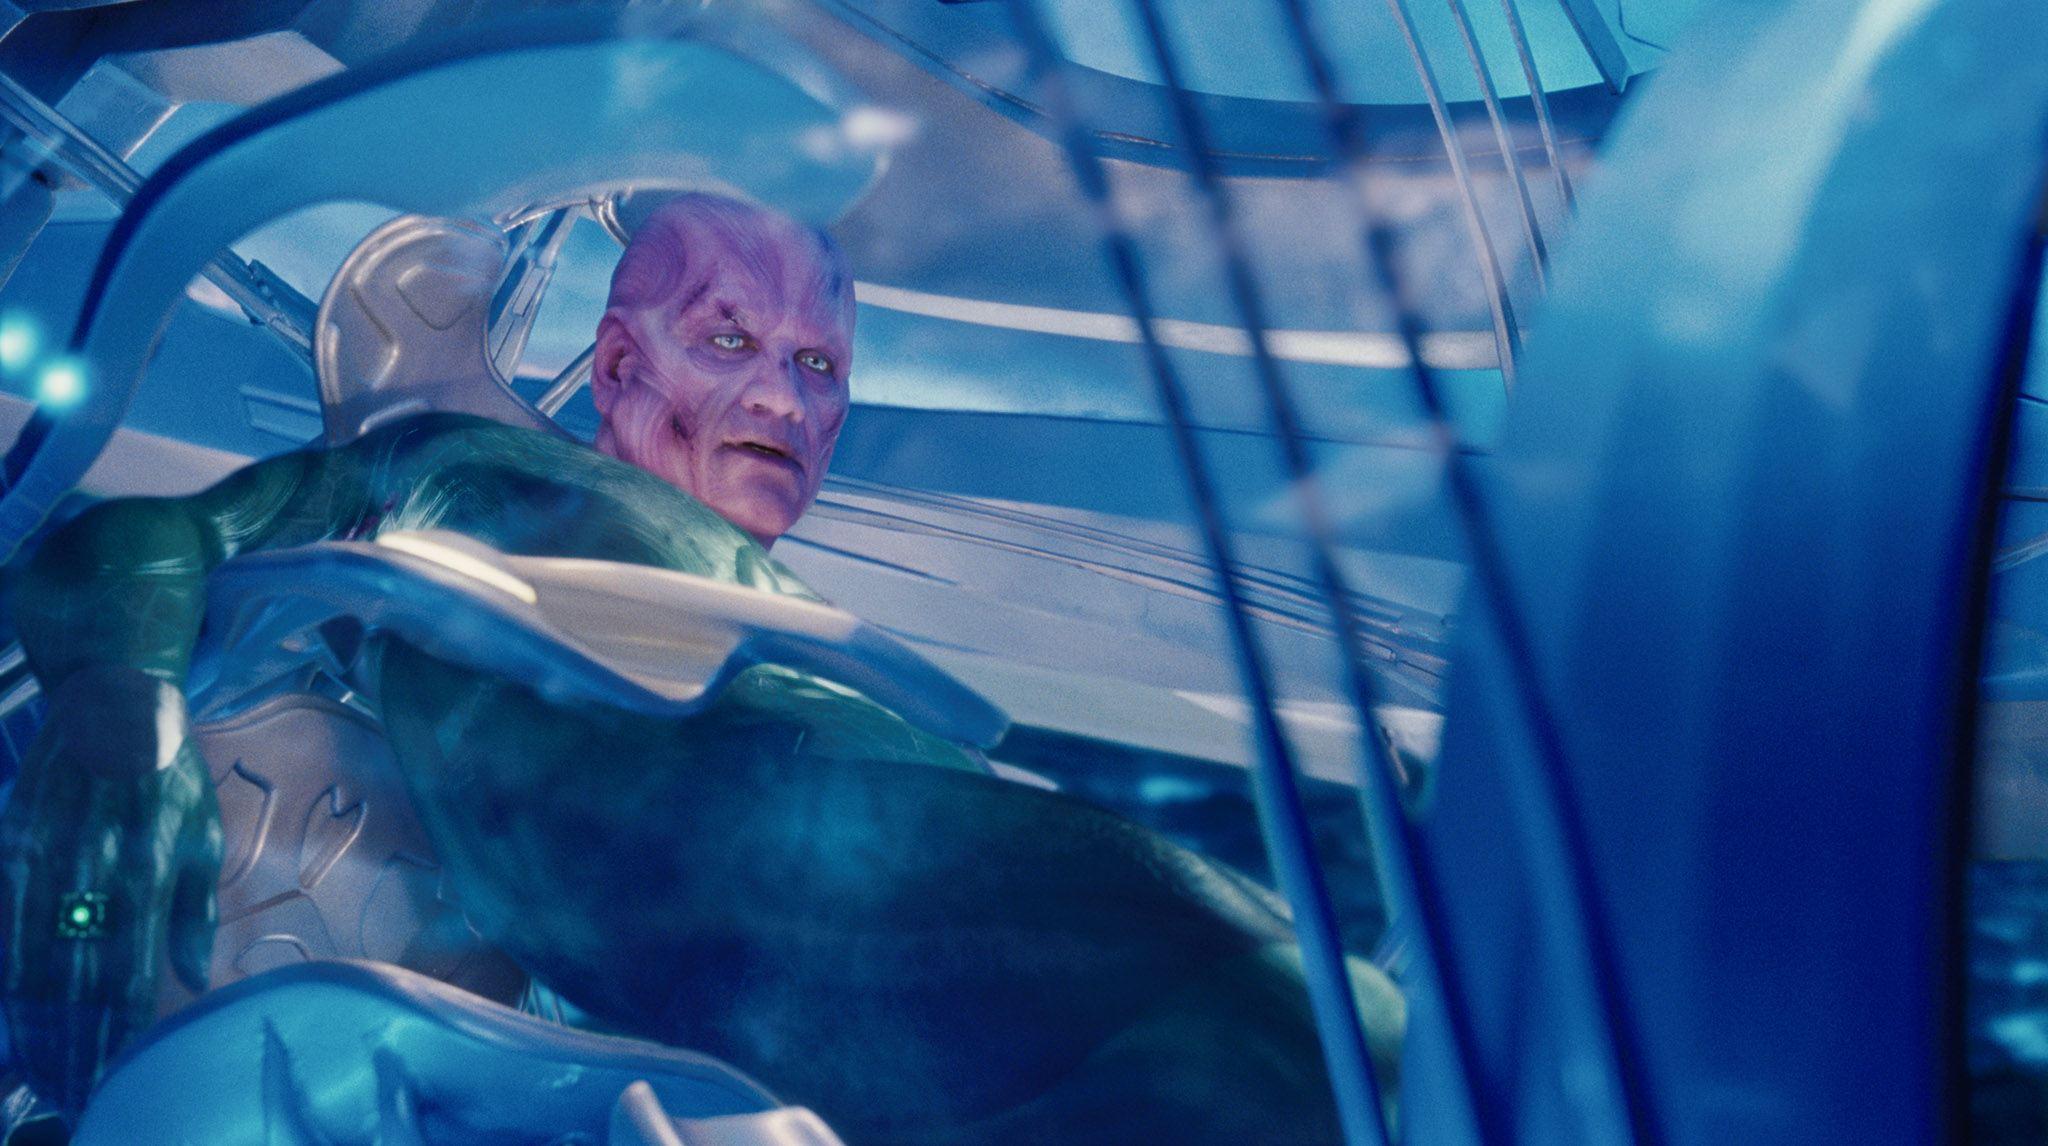 кадры из фильма Зеленый Фонарь Темуэра Моррисон,